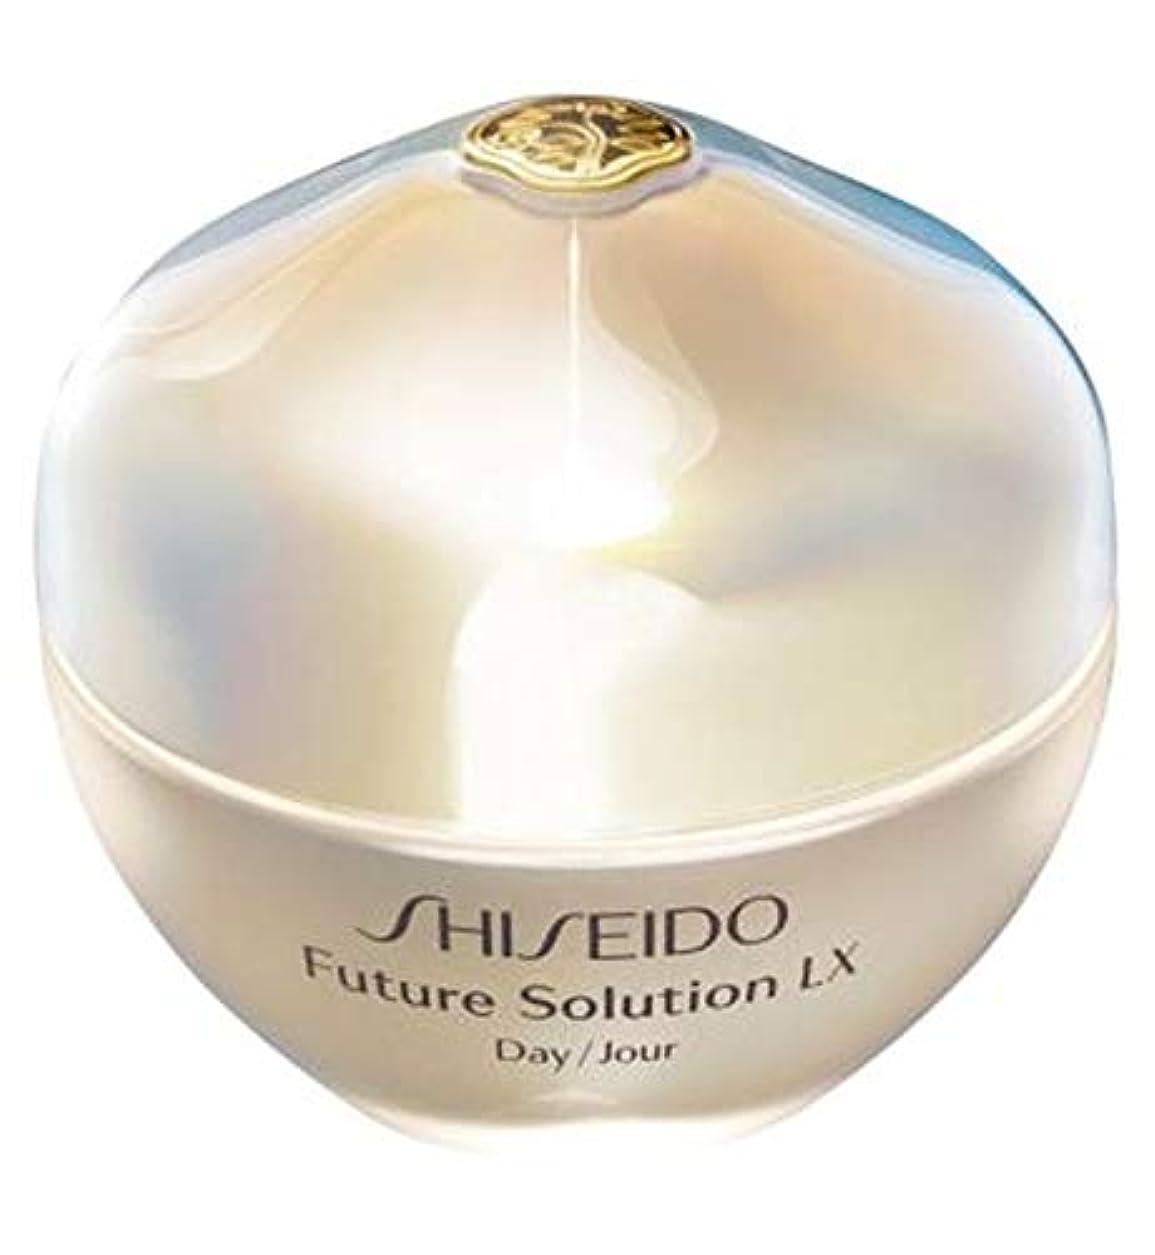 下る水平フェデレーション[Shiseido] 資生堂フューチャーソリューションLxトータルに保護クリームSpf 18 - Shiseido Future Solution Lx Total Protective Cream Spf 18 [並行輸入品]